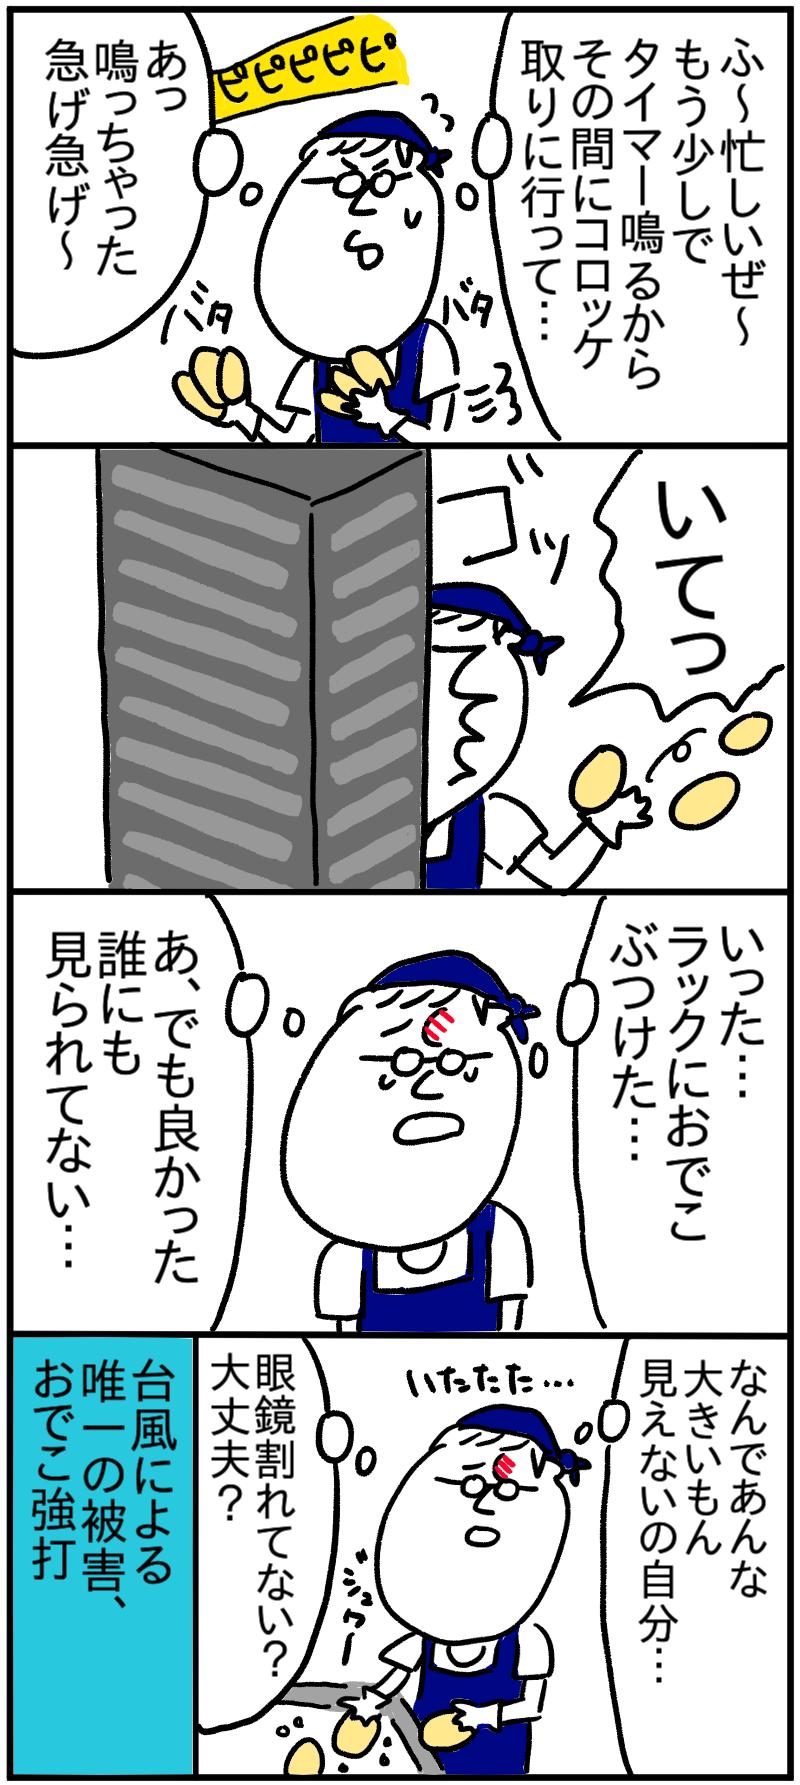 台風明けの悲劇_f0346353_19502640.png